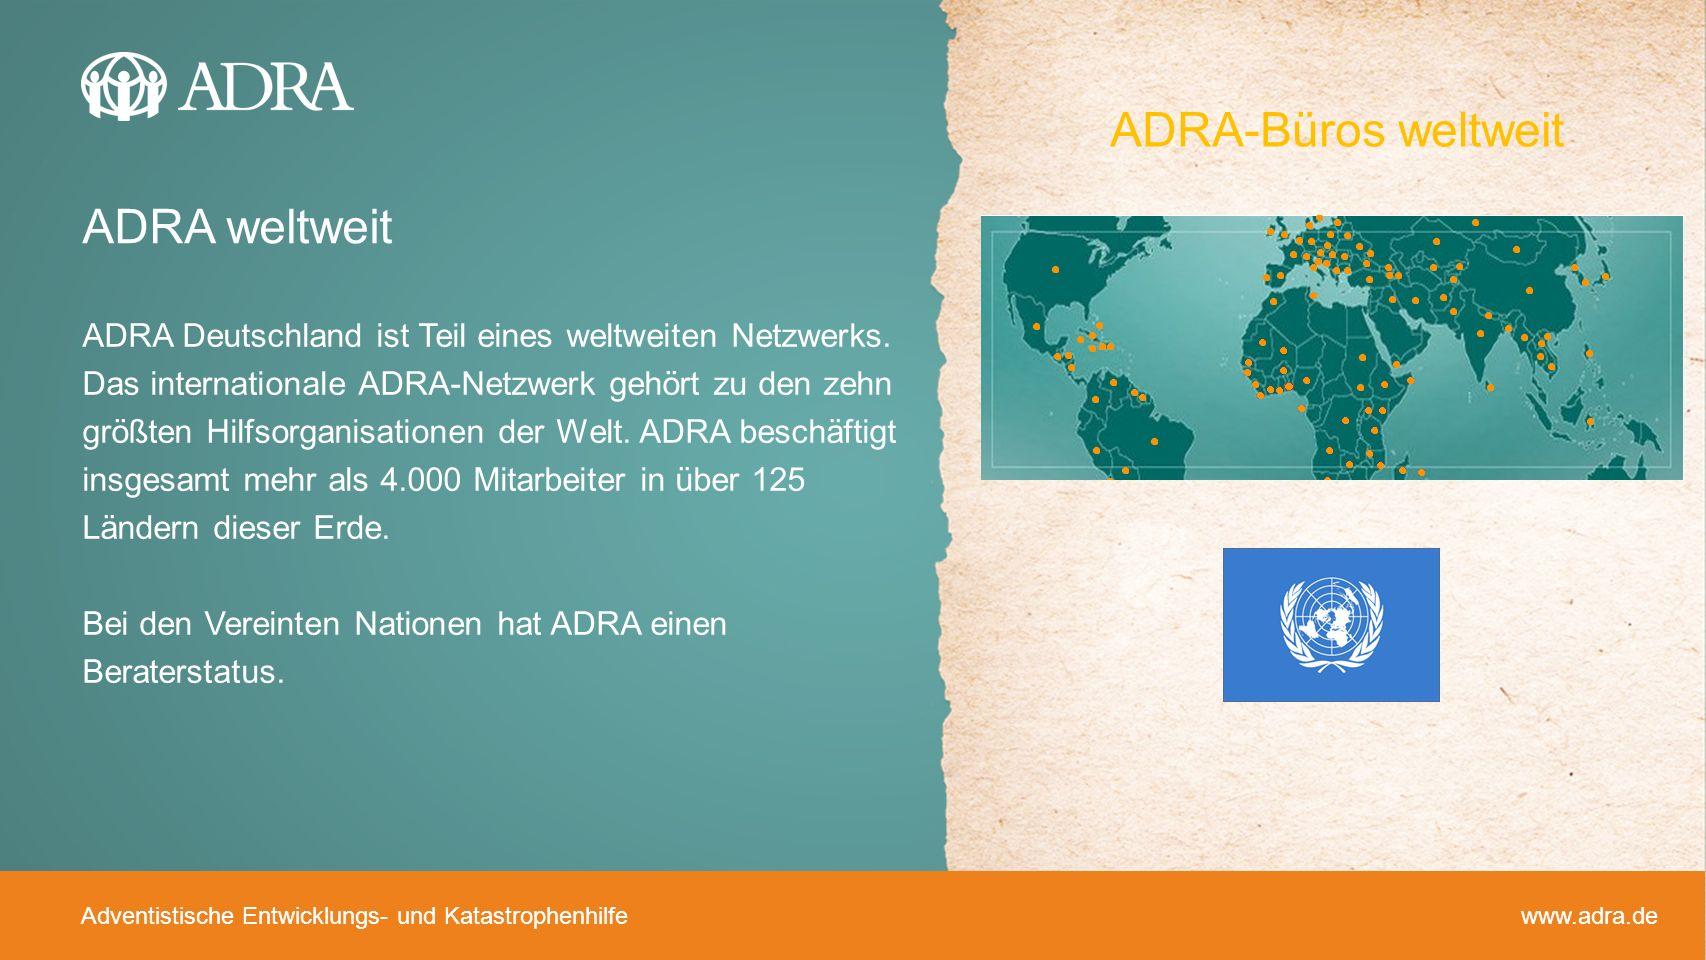 ADRA-Büros weltweit ADRA weltweit